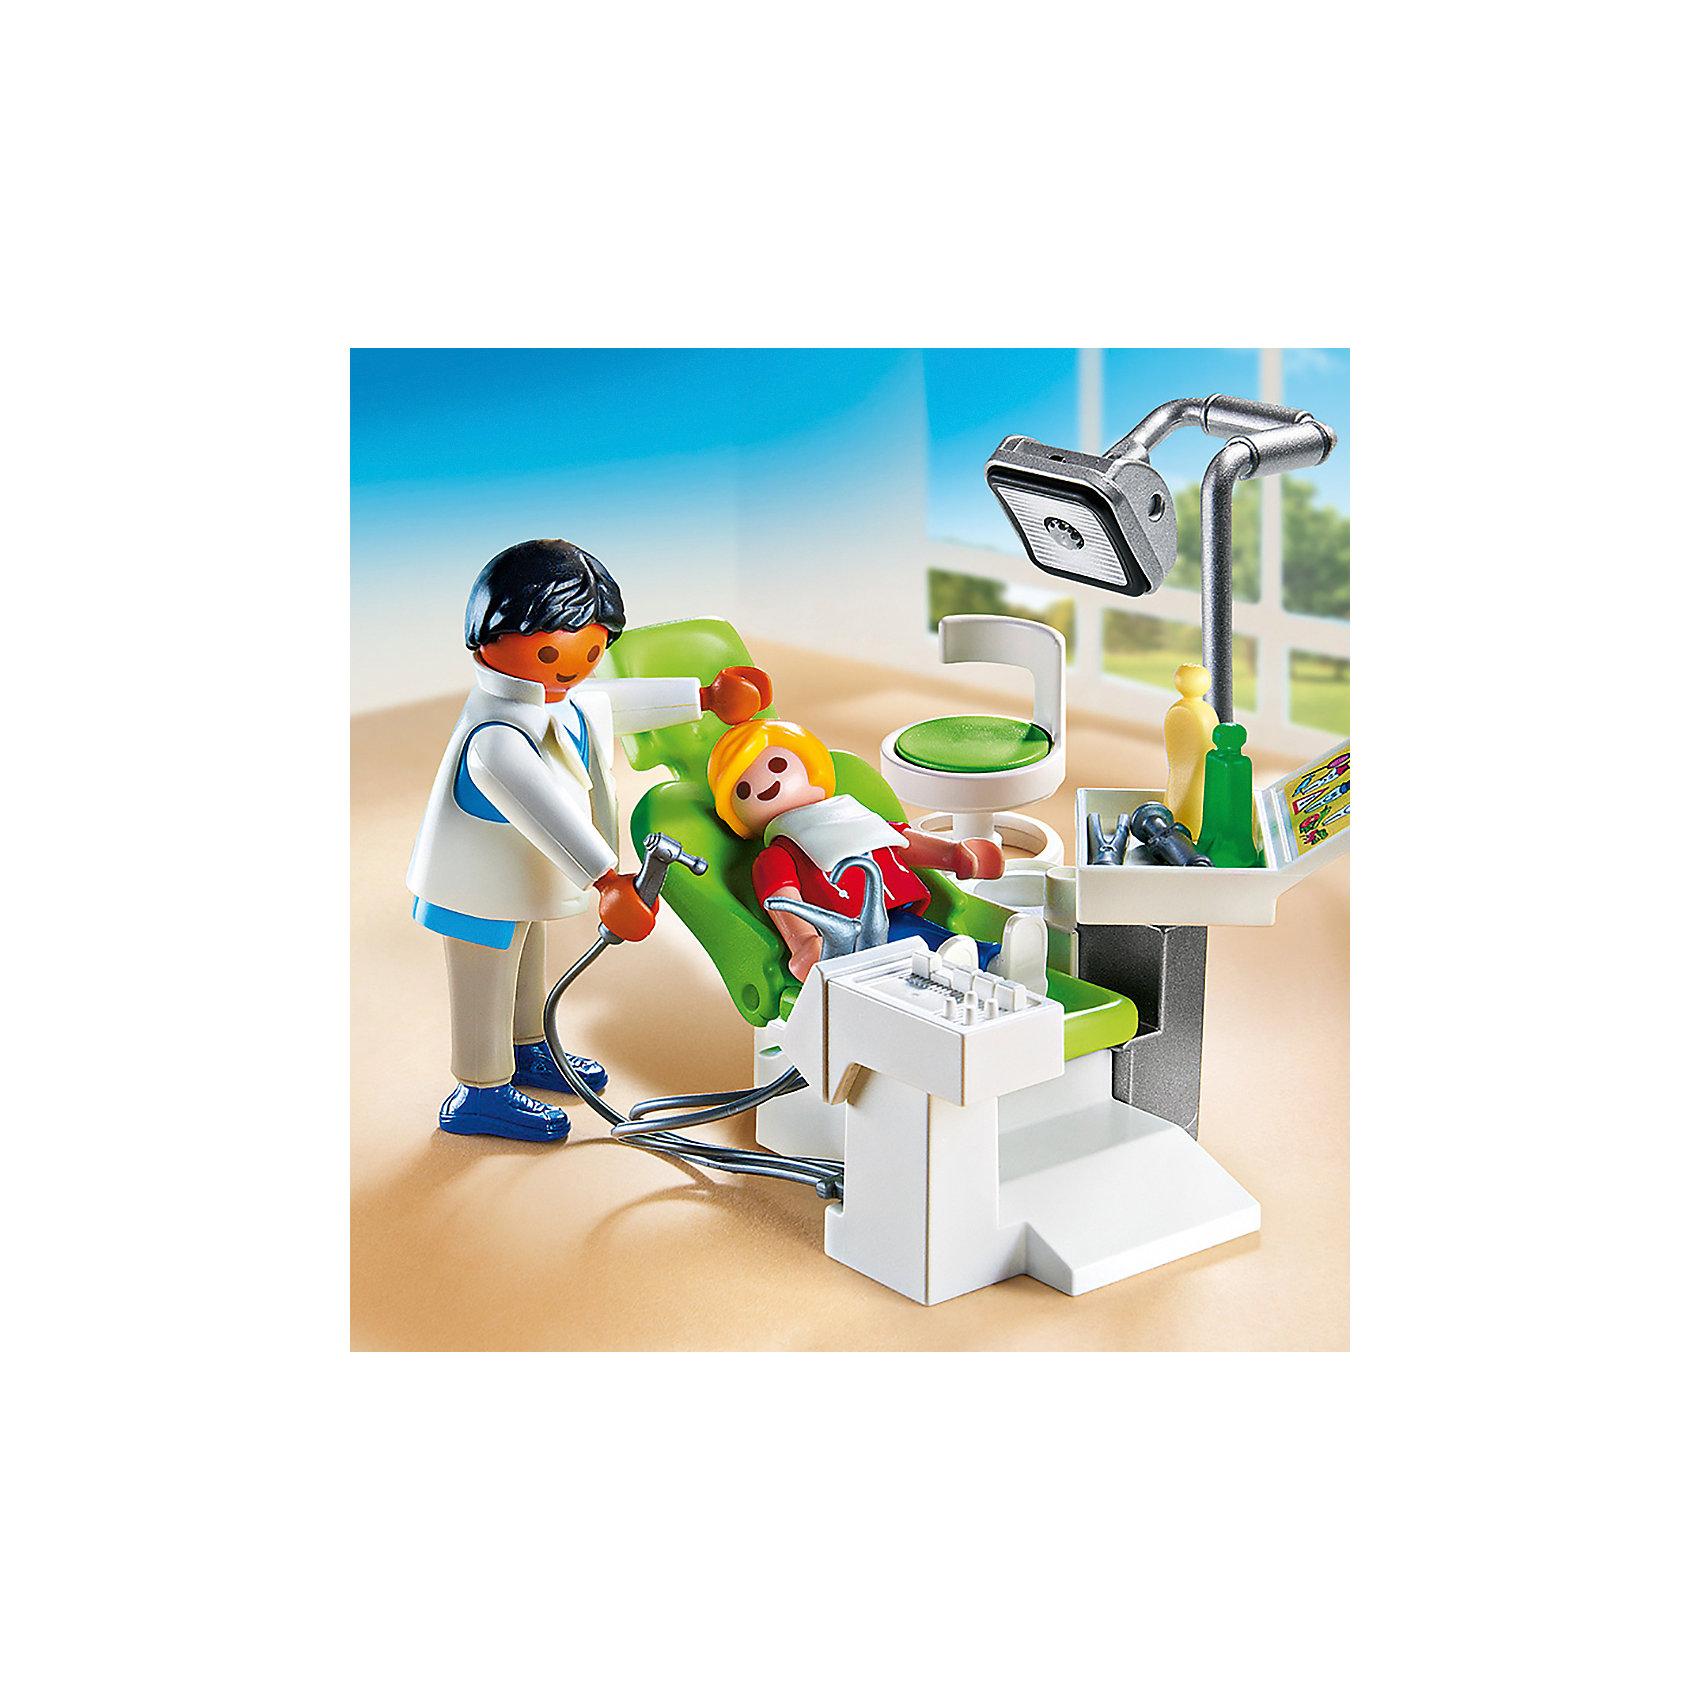 Детская клиника: Дантист с пациентом, PLAYMOBILВнимательный и тактичный детский стоматолог вылечит все зубки быстро и без боли. В набор входят 2 фигурки, из медицинское кресло, выглядящее в точности, как настоящее кресло стоматолога, лампа, бор-машина, многочисленные аксессуары, которые сделают игру еще реалистичнее и увлекательнее. Фигурки имеют подвижные конечности, в руки можно вложить различные предметы. Все детали прекрасно проработаны и выполнены из высококачественного экологичного пластика безопасного для детей. Играть с таким набором не только приятно и интересно - подобные виды игры развивают мелкую моторику, воображение, творческое мышление.<br><br>Дополнительная информация:<br><br>- 2 фигурки в наборе: врач, пациент. <br>- Комплектация: фигурки, кресло, бор-машина, лампа, аксессуары.<br>- Материал: пластик.<br>- Размер упаковки: 15х14,5х4 см.<br>- Высота фигурки: 7,5 см.<br>- Высота фигурки ребенка: 5,5 см.<br>- Голова, руки, ноги у фигурок подвижные.<br><br>Набор Детская клиника: Дантист с пациентом, PLAYMOBIL (Плеймобил), можно купить в нашем магазине.<br><br>Ширина мм: 145<br>Глубина мм: 142<br>Высота мм: 45<br>Вес г: 117<br>Возраст от месяцев: 48<br>Возраст до месяцев: 120<br>Пол: Унисекс<br>Возраст: Детский<br>SKU: 4012467